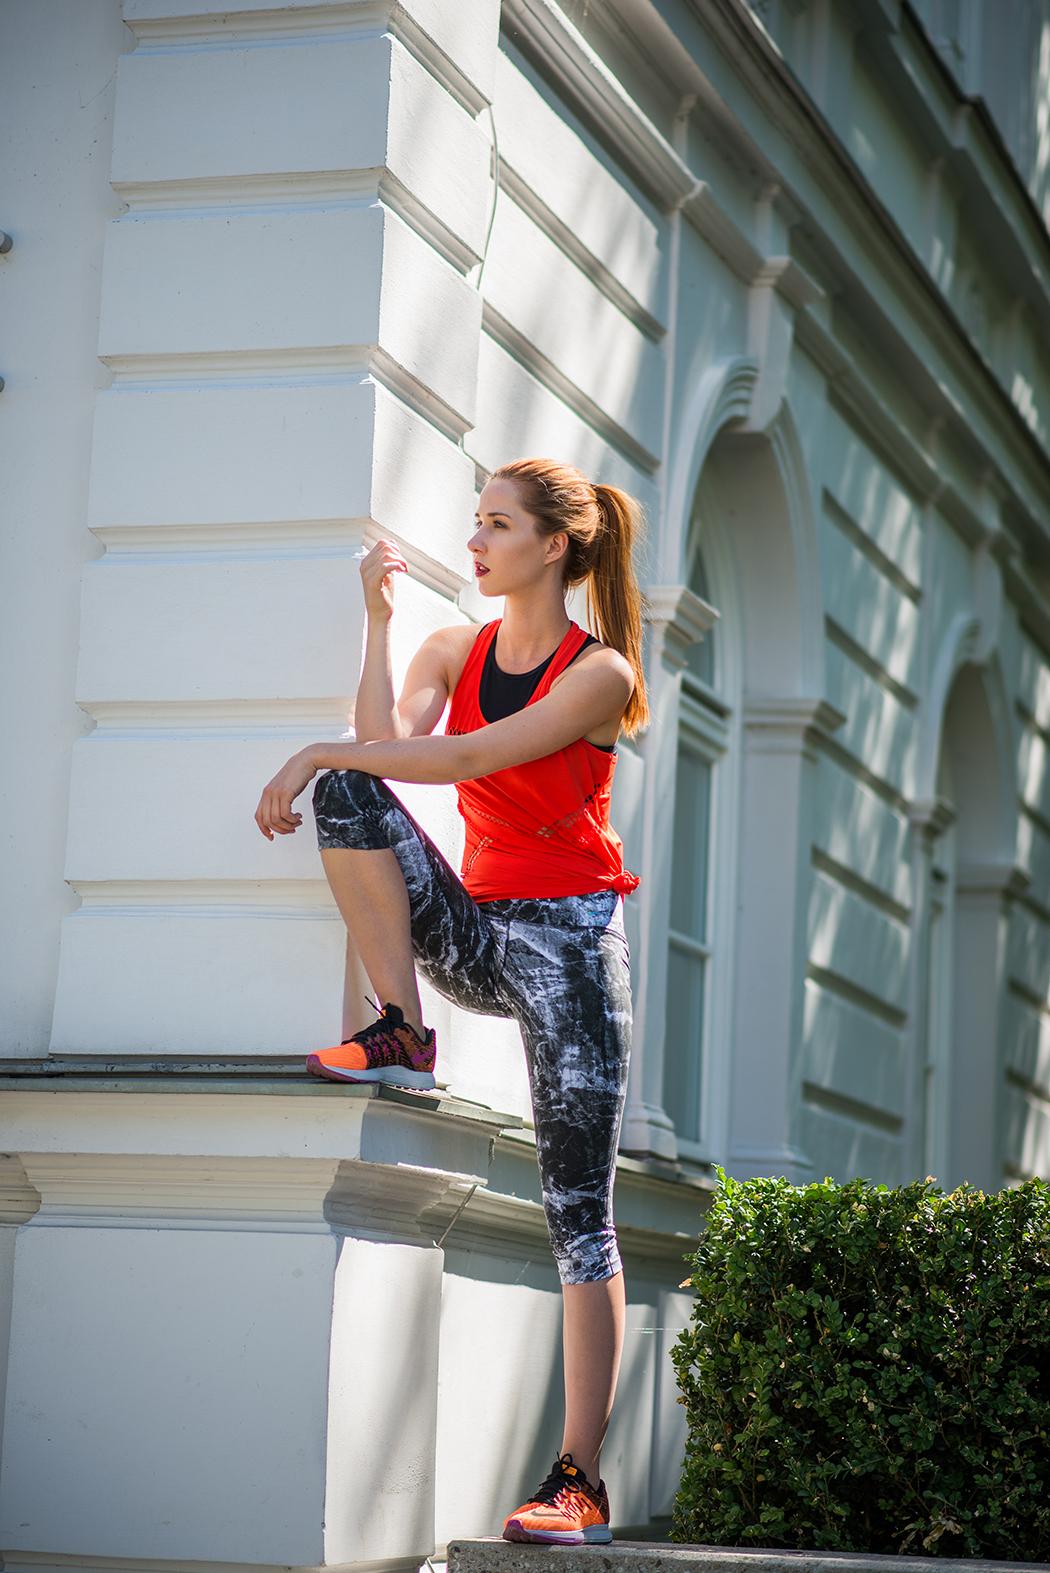 Fitnessblog-Fitnessblogger-Fitness-Blog-Blogger-Lifestyle-München-Deutschland-Munich-Lifestyle-Lindarella-Linda-Rella-Blogger-Nike-7-web